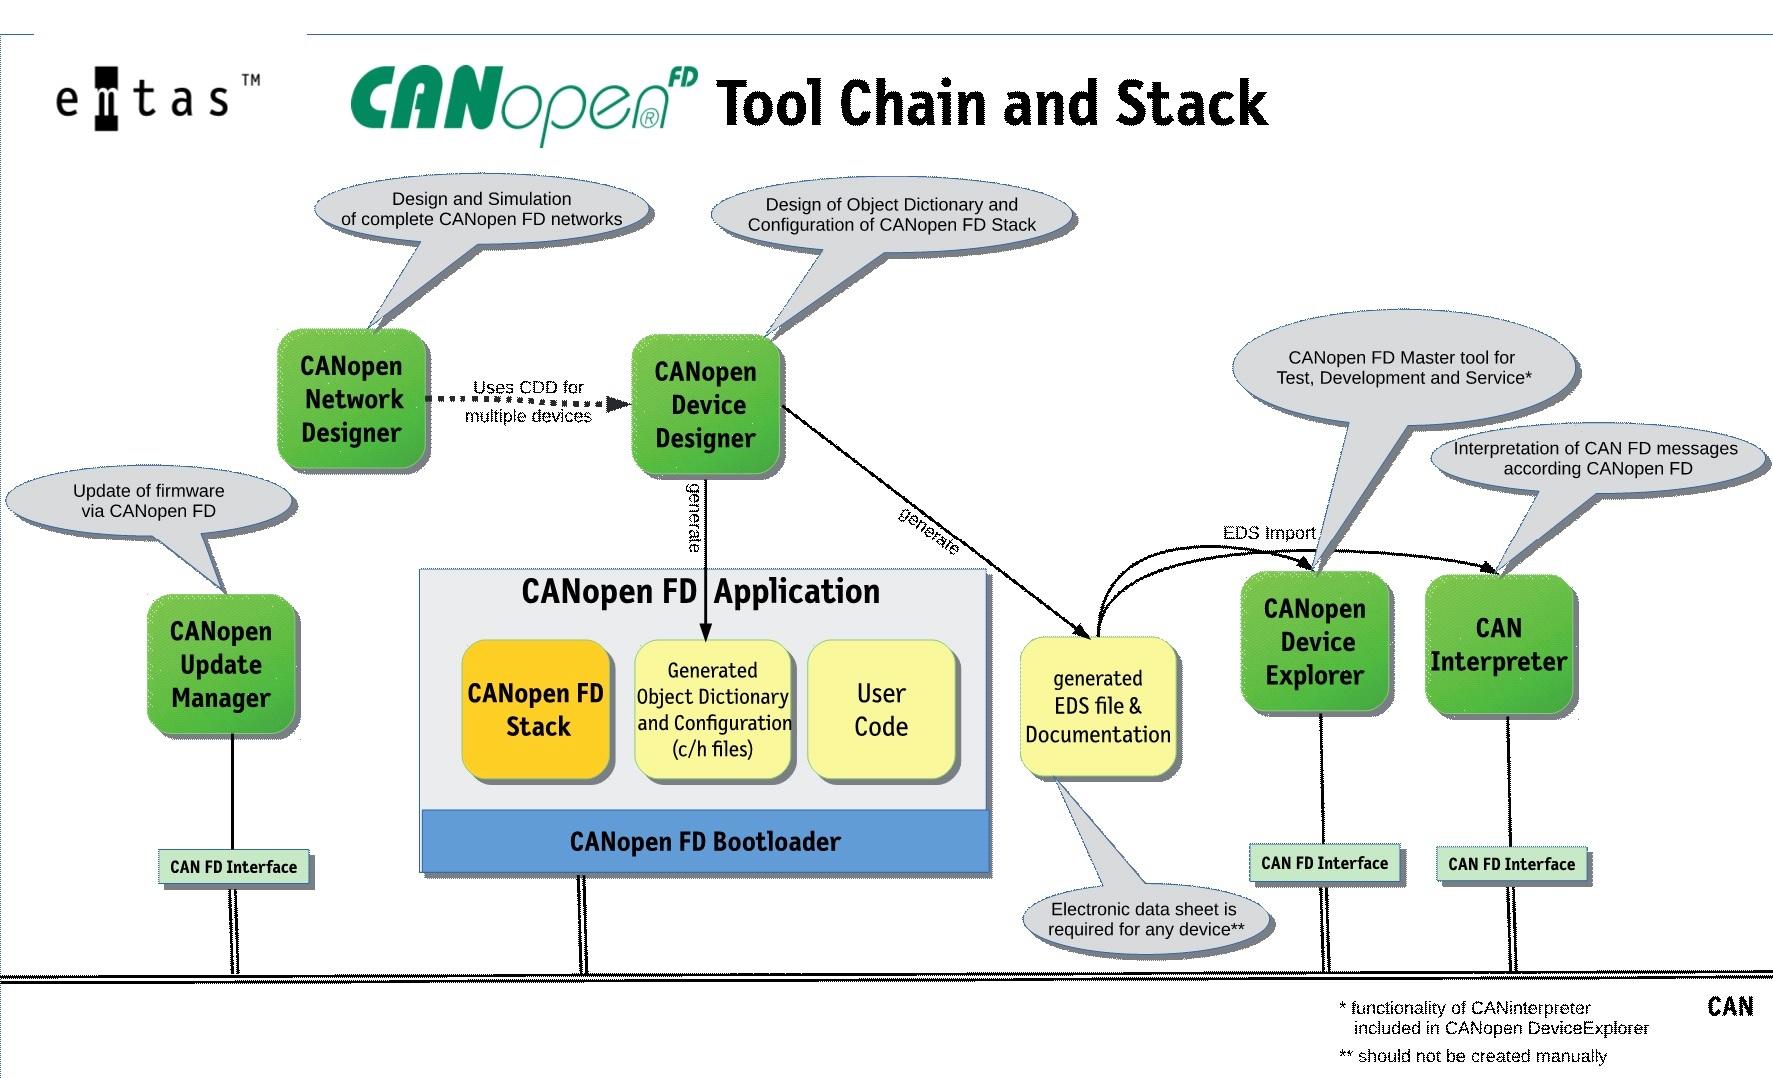 Stacks und Toolchain für CANopen FD